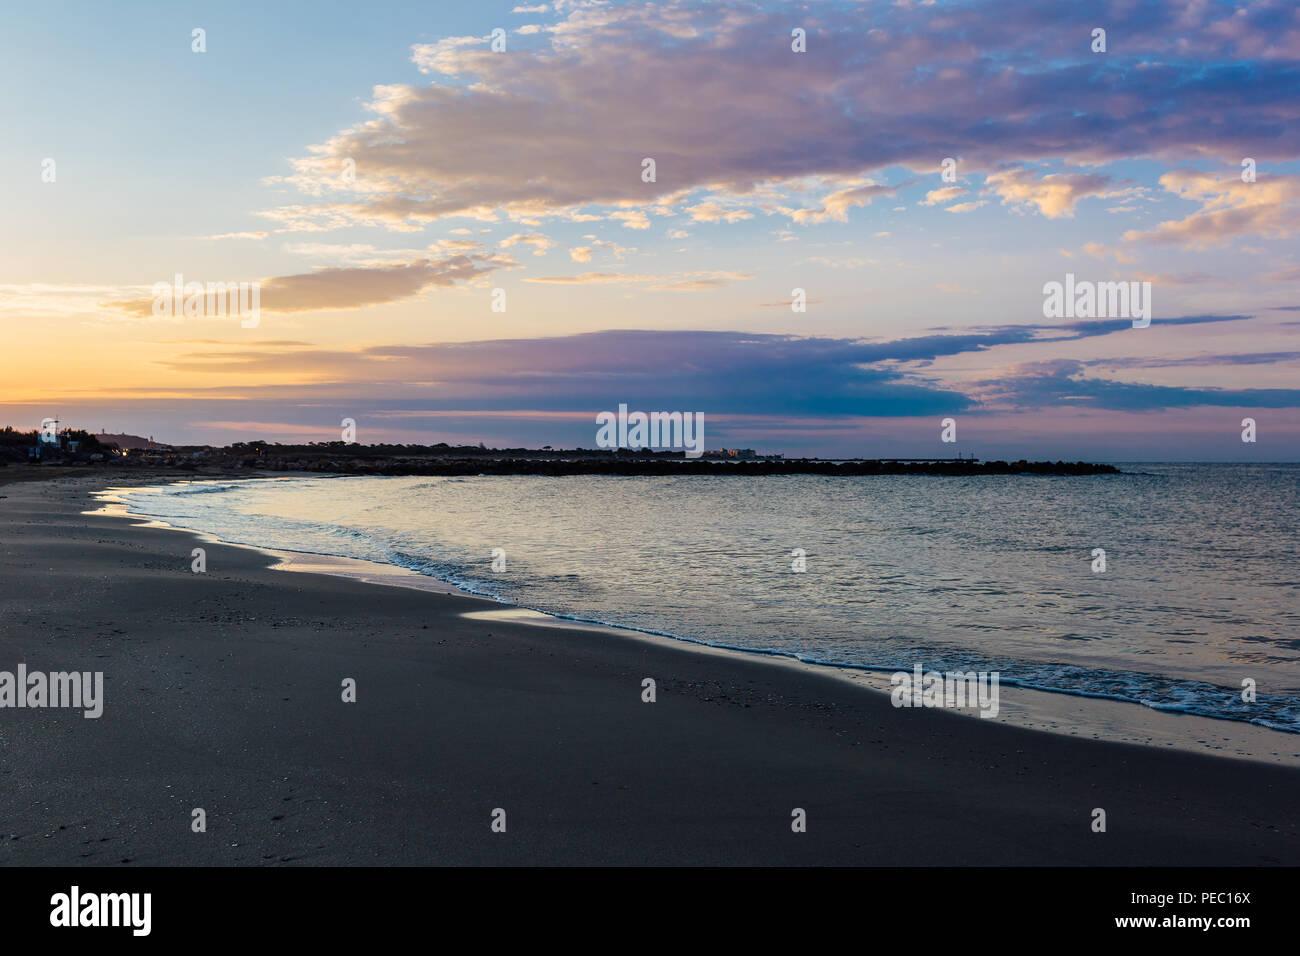 El sur de Francia, en el mar mediterráneo en la playa al amanecer. Foto de stock